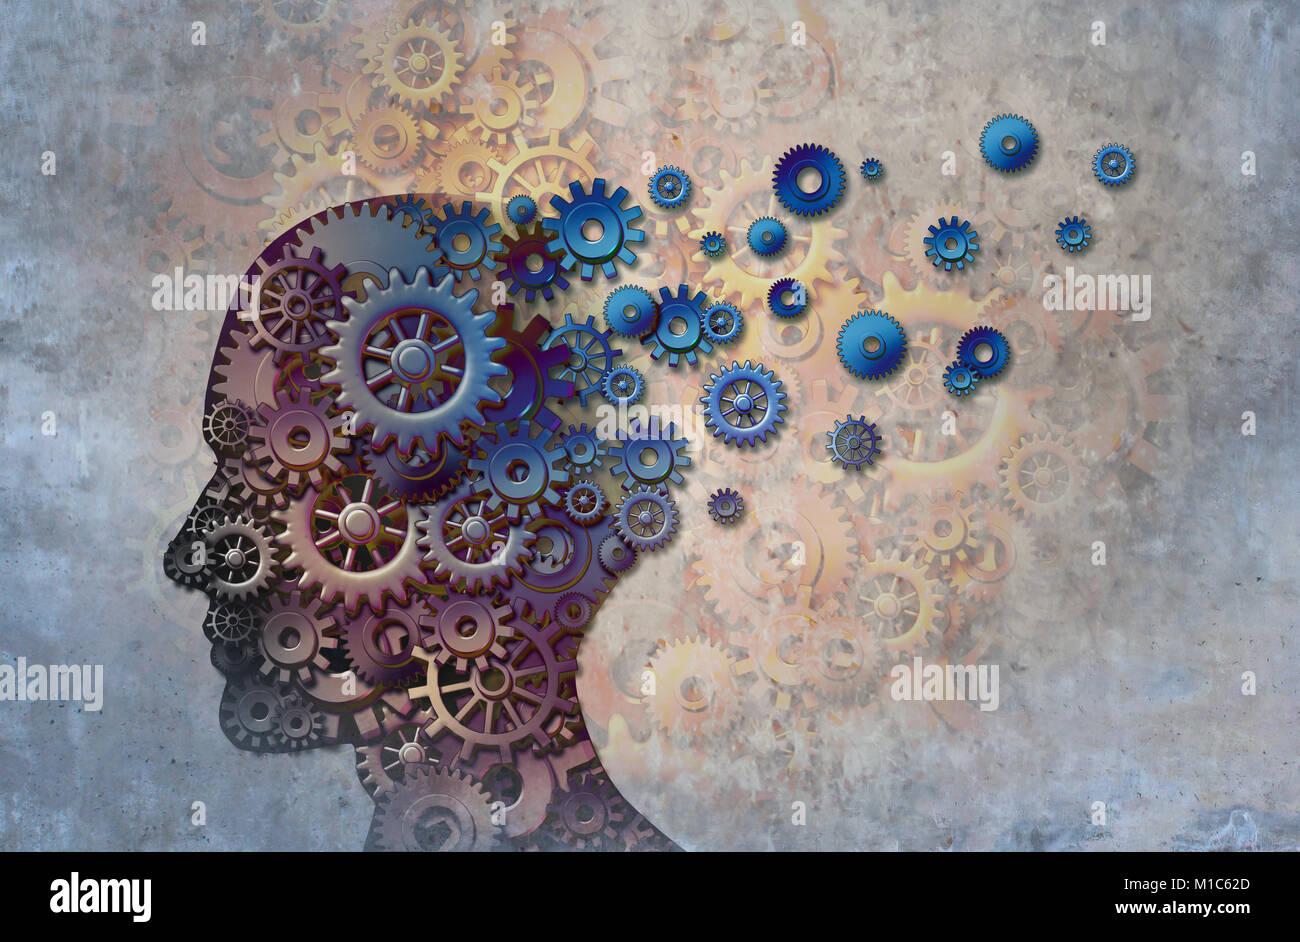 En raison de la perte de mémoire d'Alzheimer Démence et maladie du cerveau avec l'abrégé medical icône d'une tête Banque D'Images